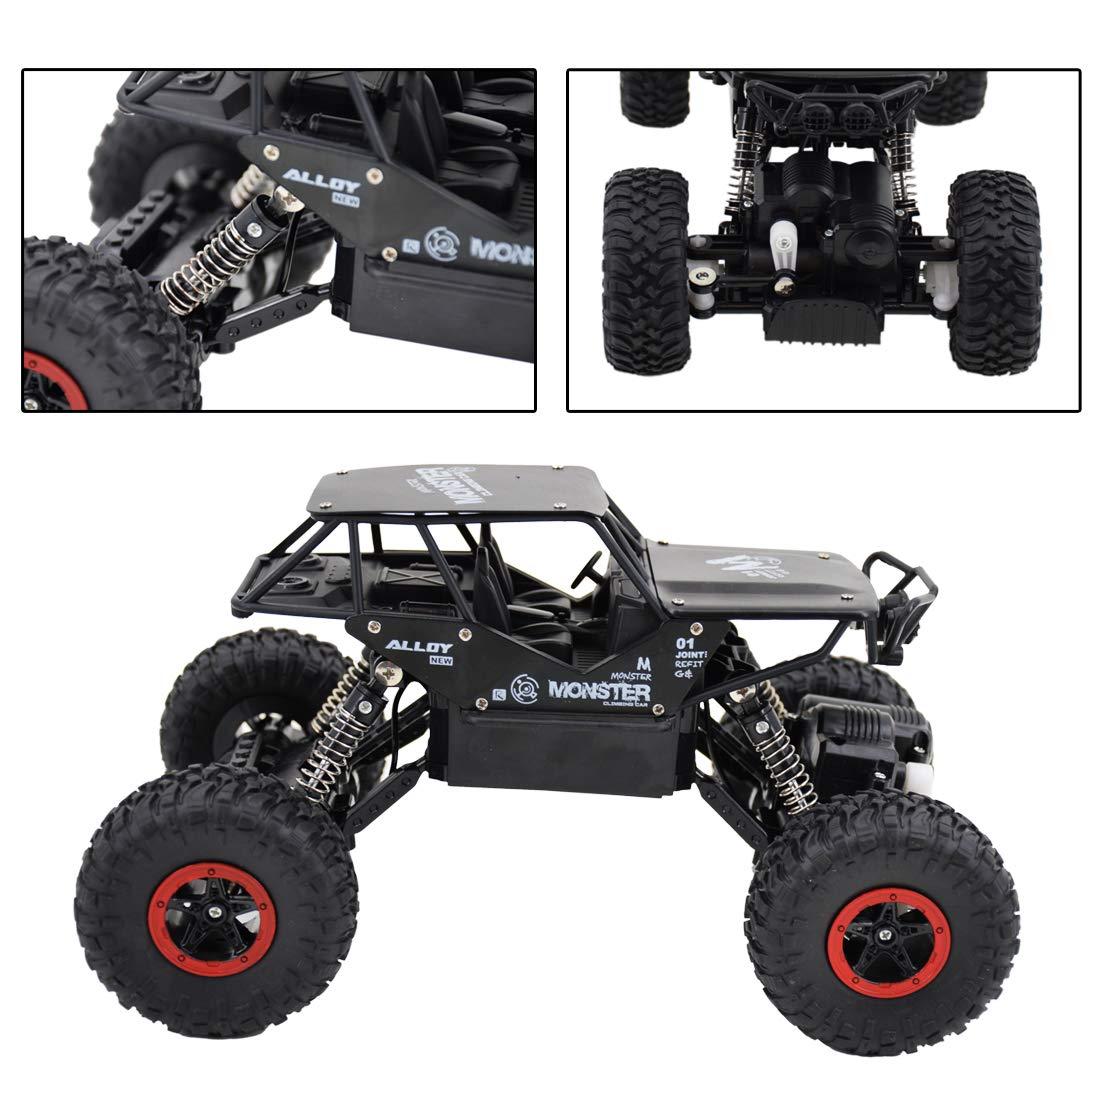 deAO RC Coche Rock Crawler Todoterreno 4WD Control Remoto 2.4GHz Vheículo 4x4 Rastreador de Roca Escala 1:15 (Plateado): Amazon.es: Juguetes y juegos